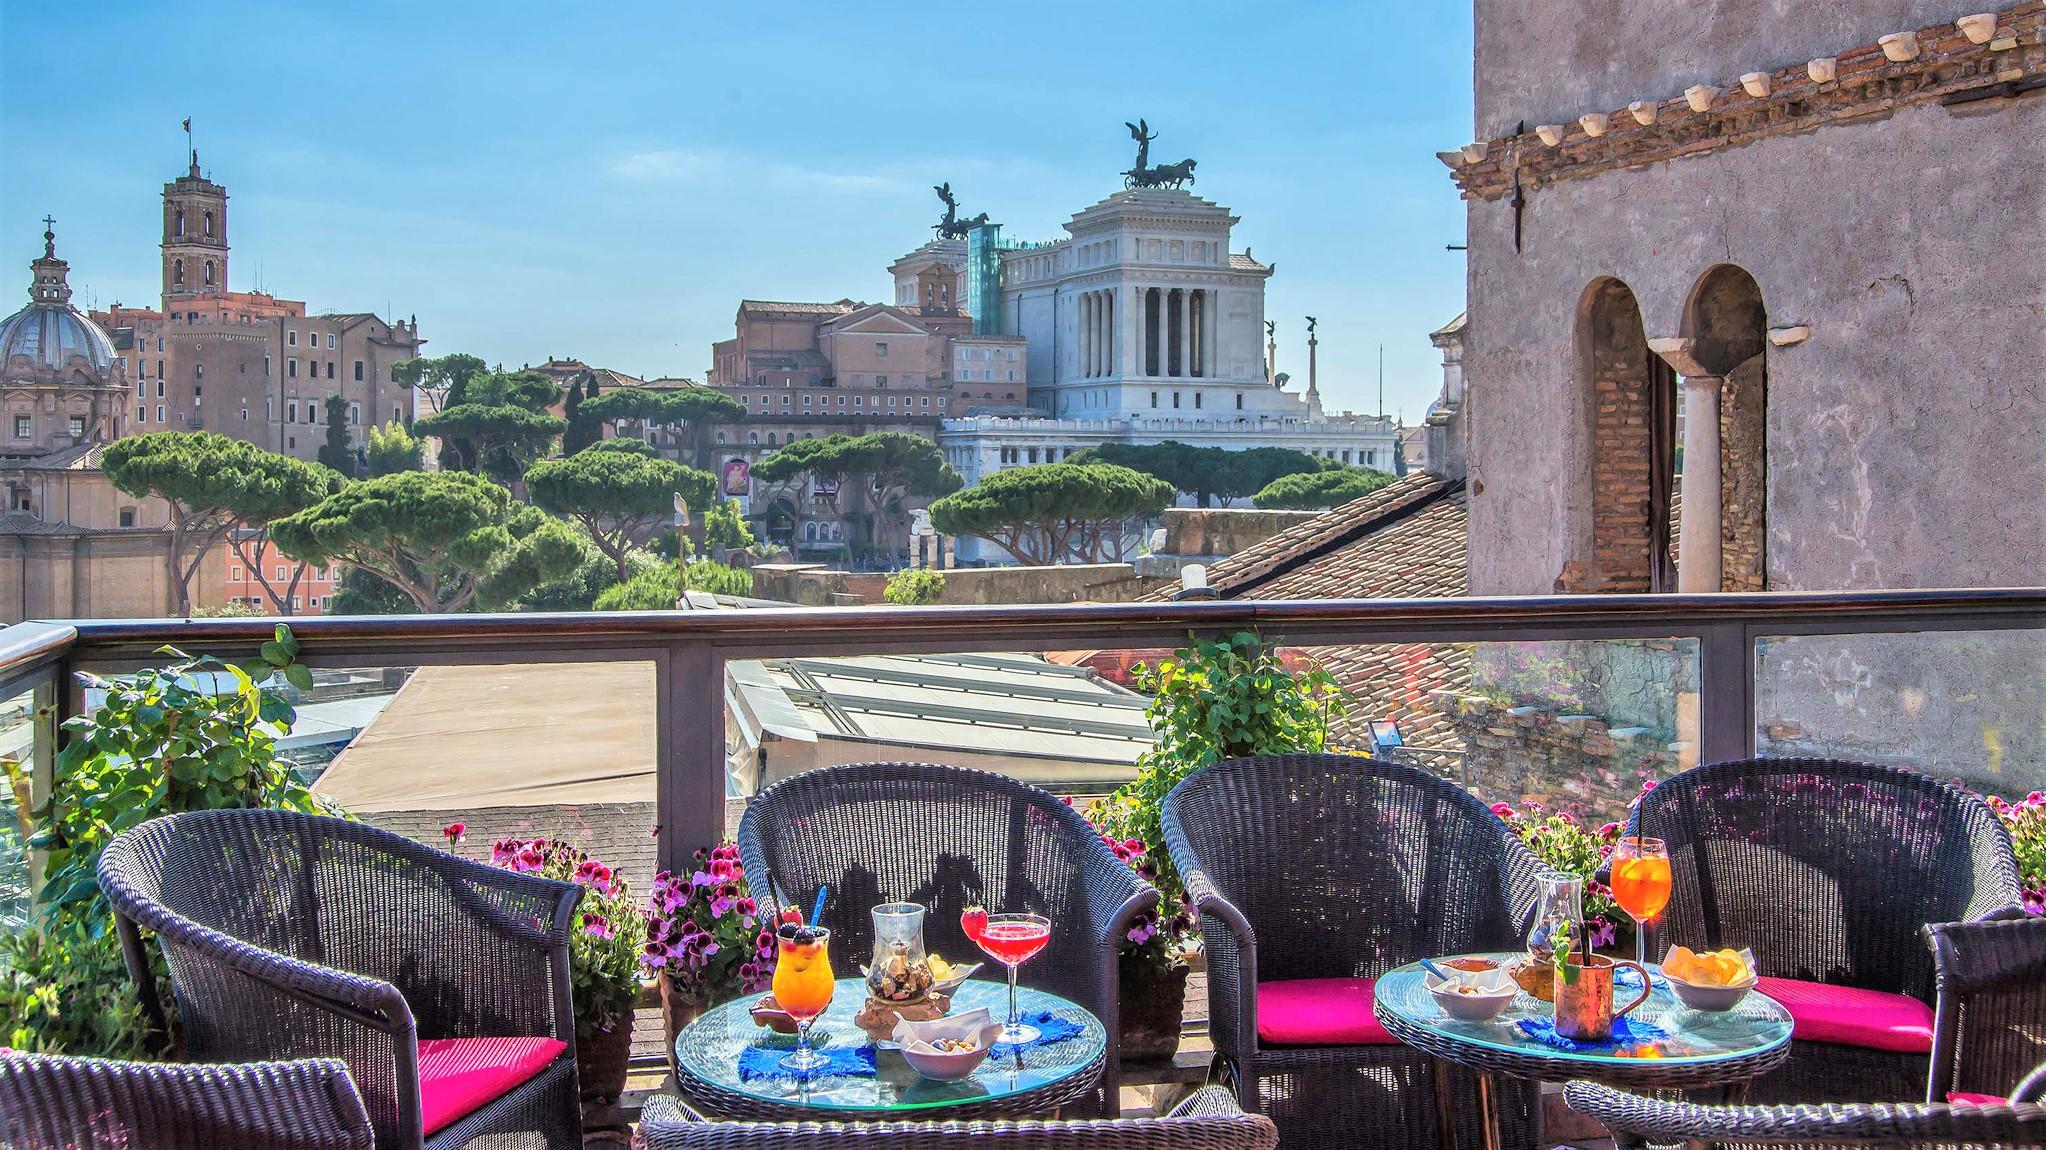 I Migliori Rooftop Bar Di Roma. La Grande Bellezza, Ai Tuoi Piedi.